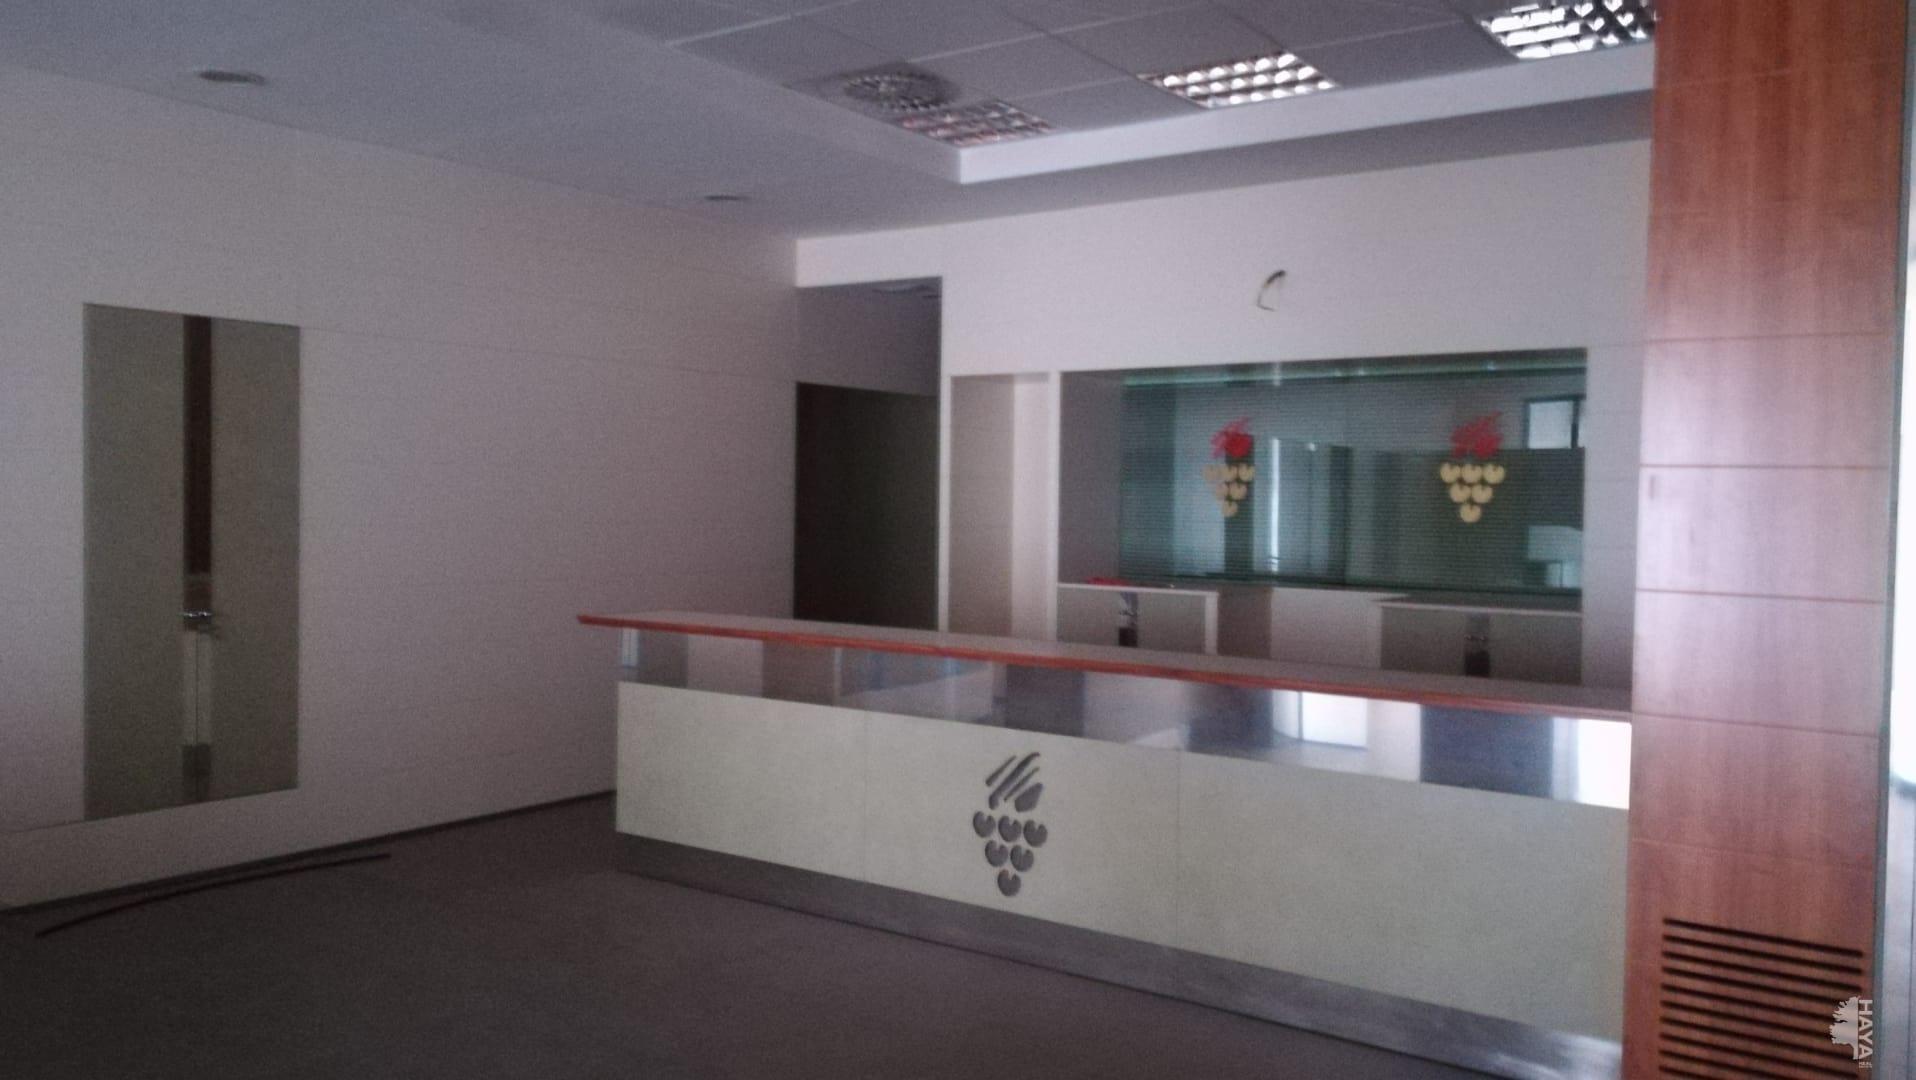 Local en venta en Xàtiva, Valencia, Avenida República Argentina, 923.795 €, 293 m2